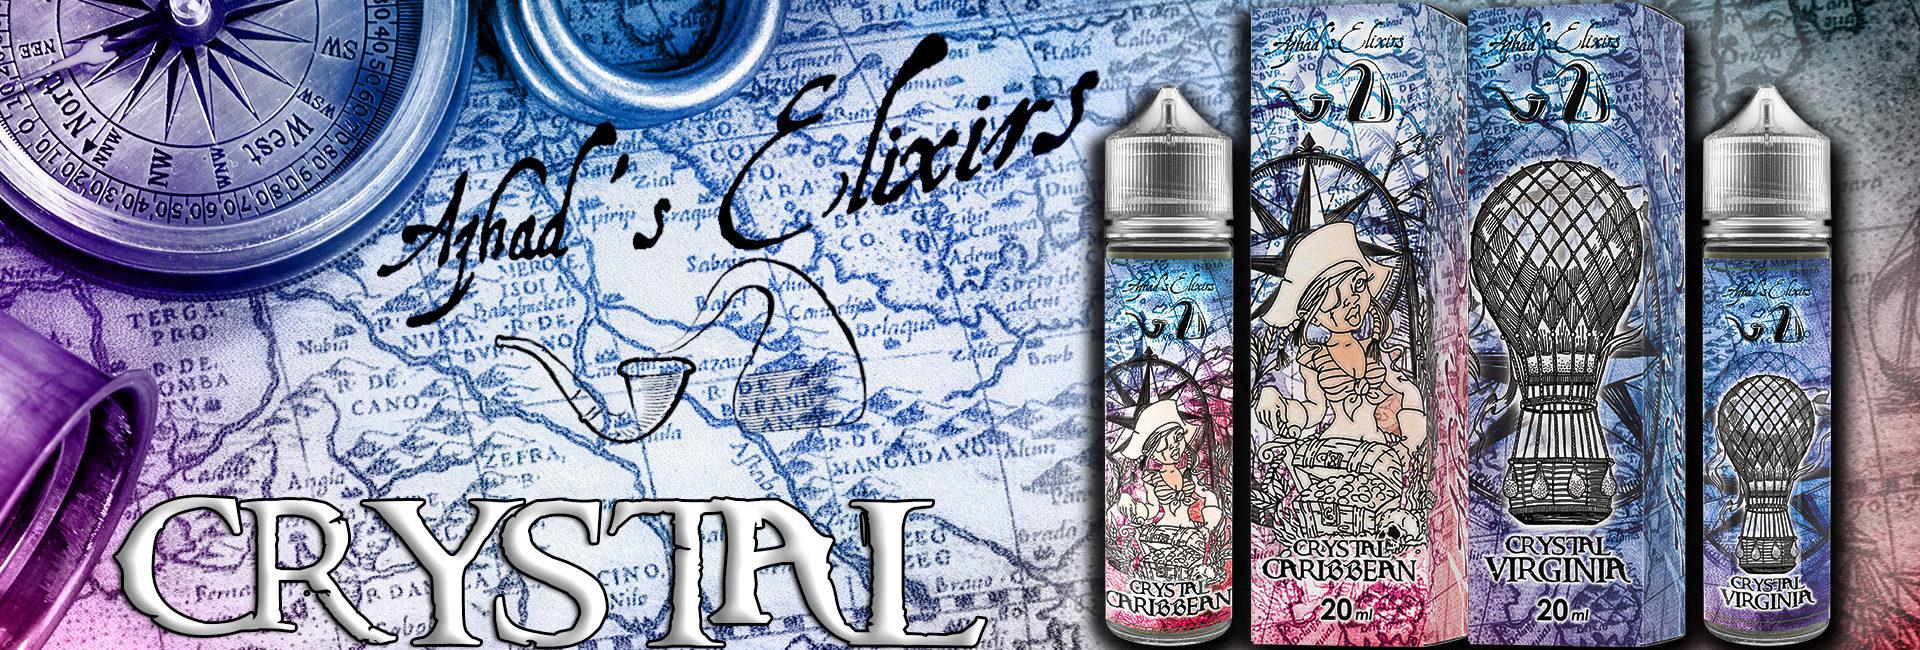 Azhad's Elixirs Crystal Caribbean e Crystal Virginia Aroma 20 ml